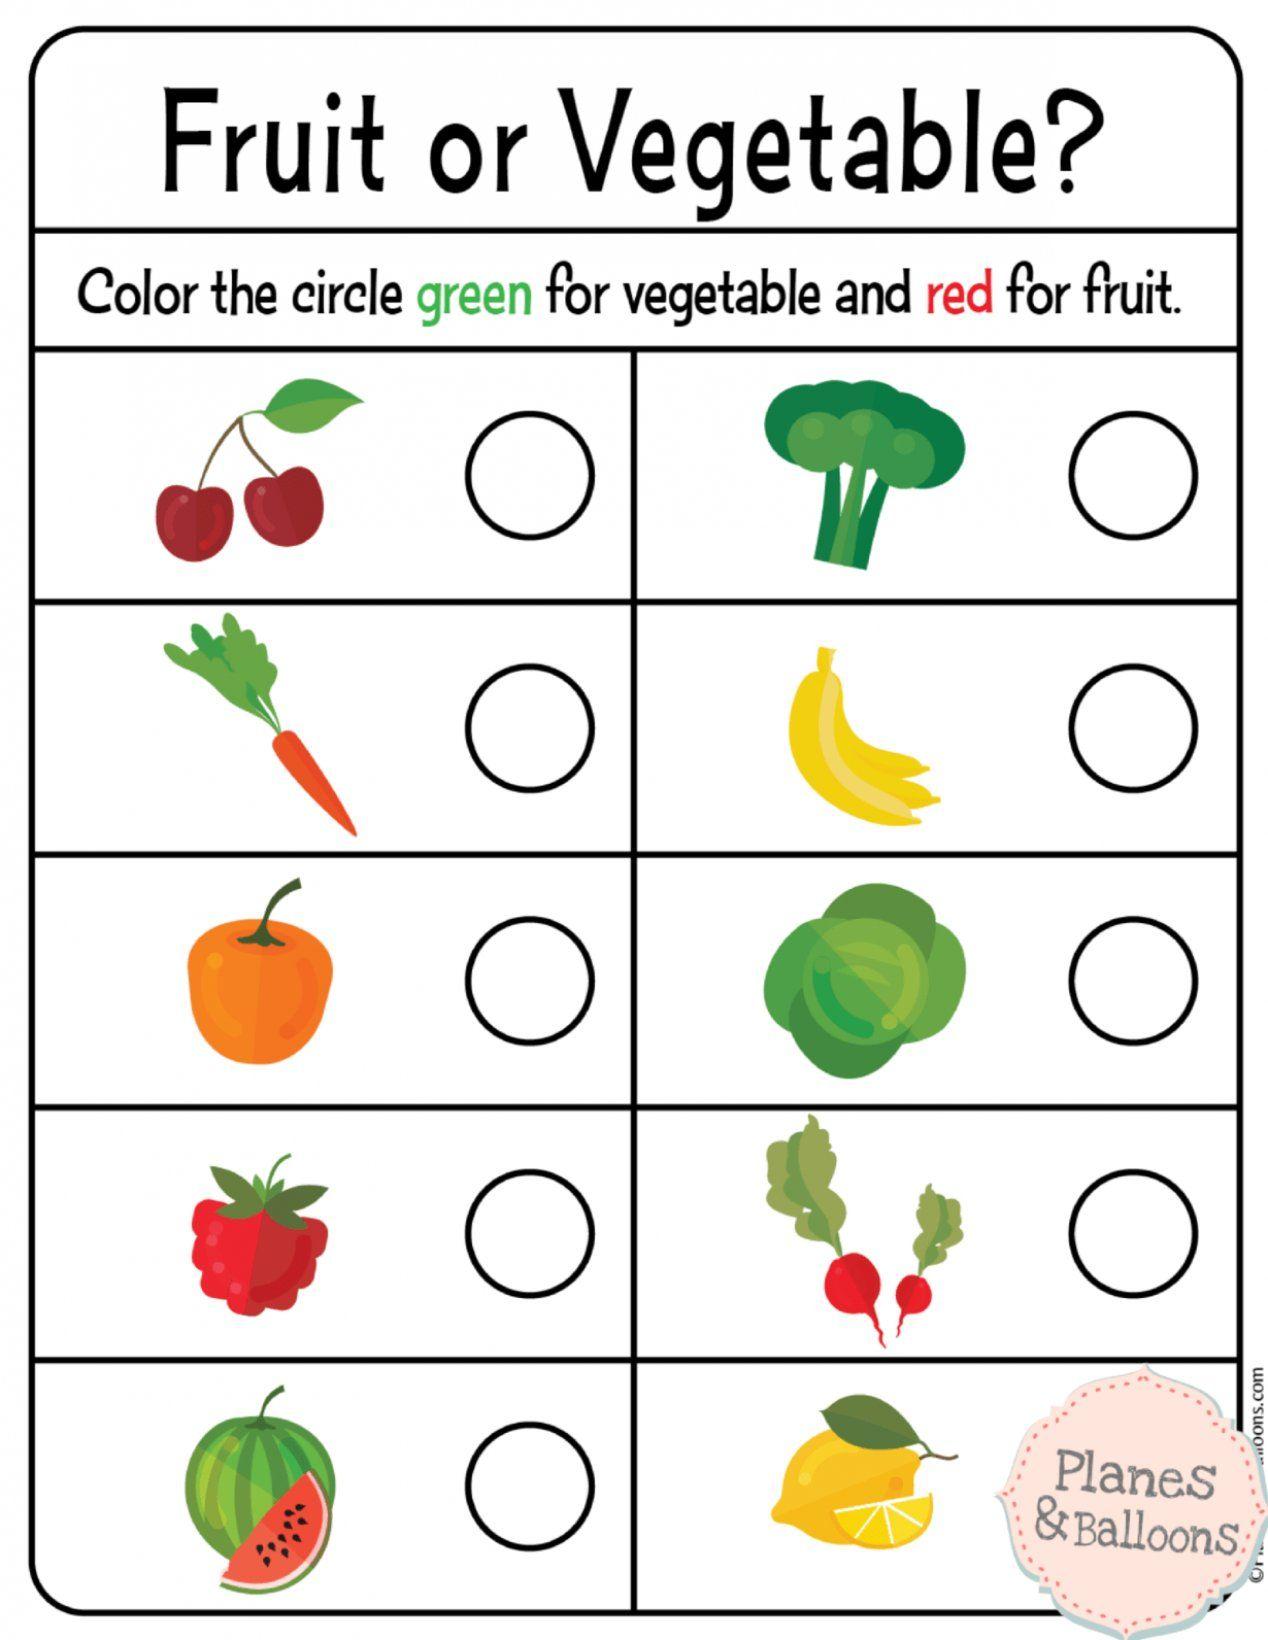 Fun Sorting Worksheets For Preschool And Kindergarten Free Sort En 2020 Ingles Para Preescolar Actividades De Ingles Para Ninos Actividades De Arte Para Preescolares [ 1640 x 1268 Pixel ]